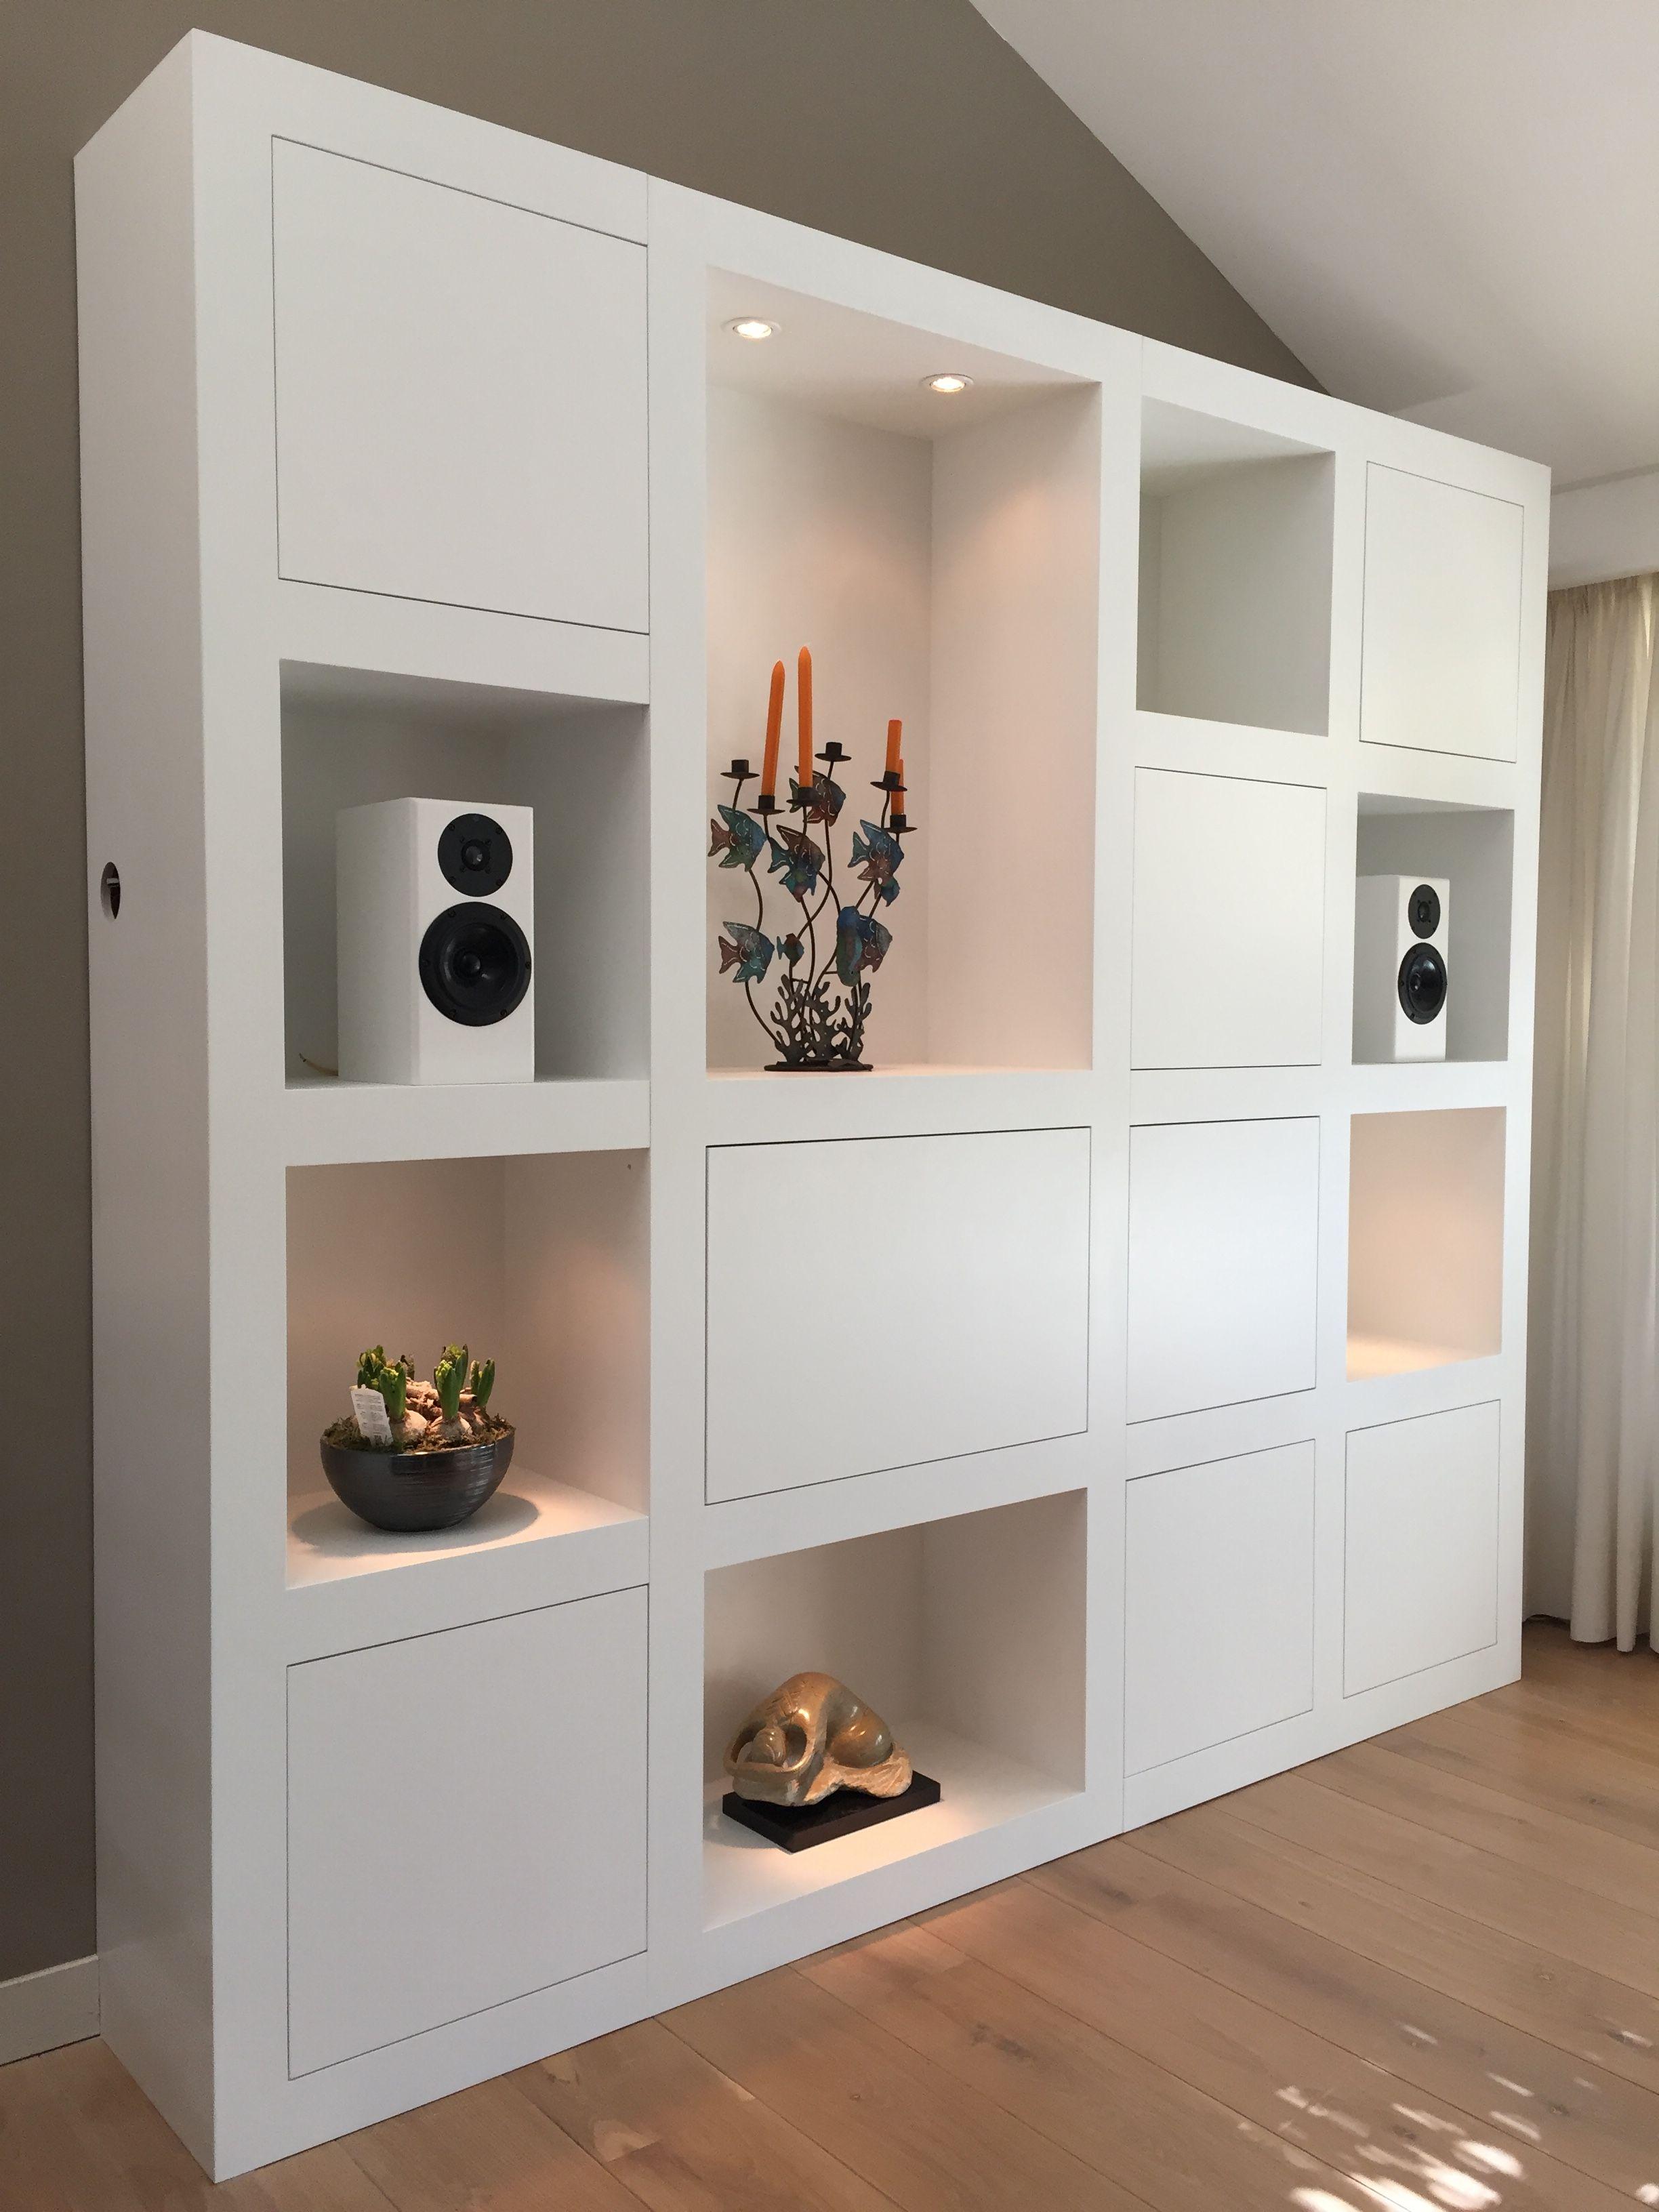 Grote Woonkamer Kast : Grote kast woonkamer hout kast woonkamer wit cool ikea barok